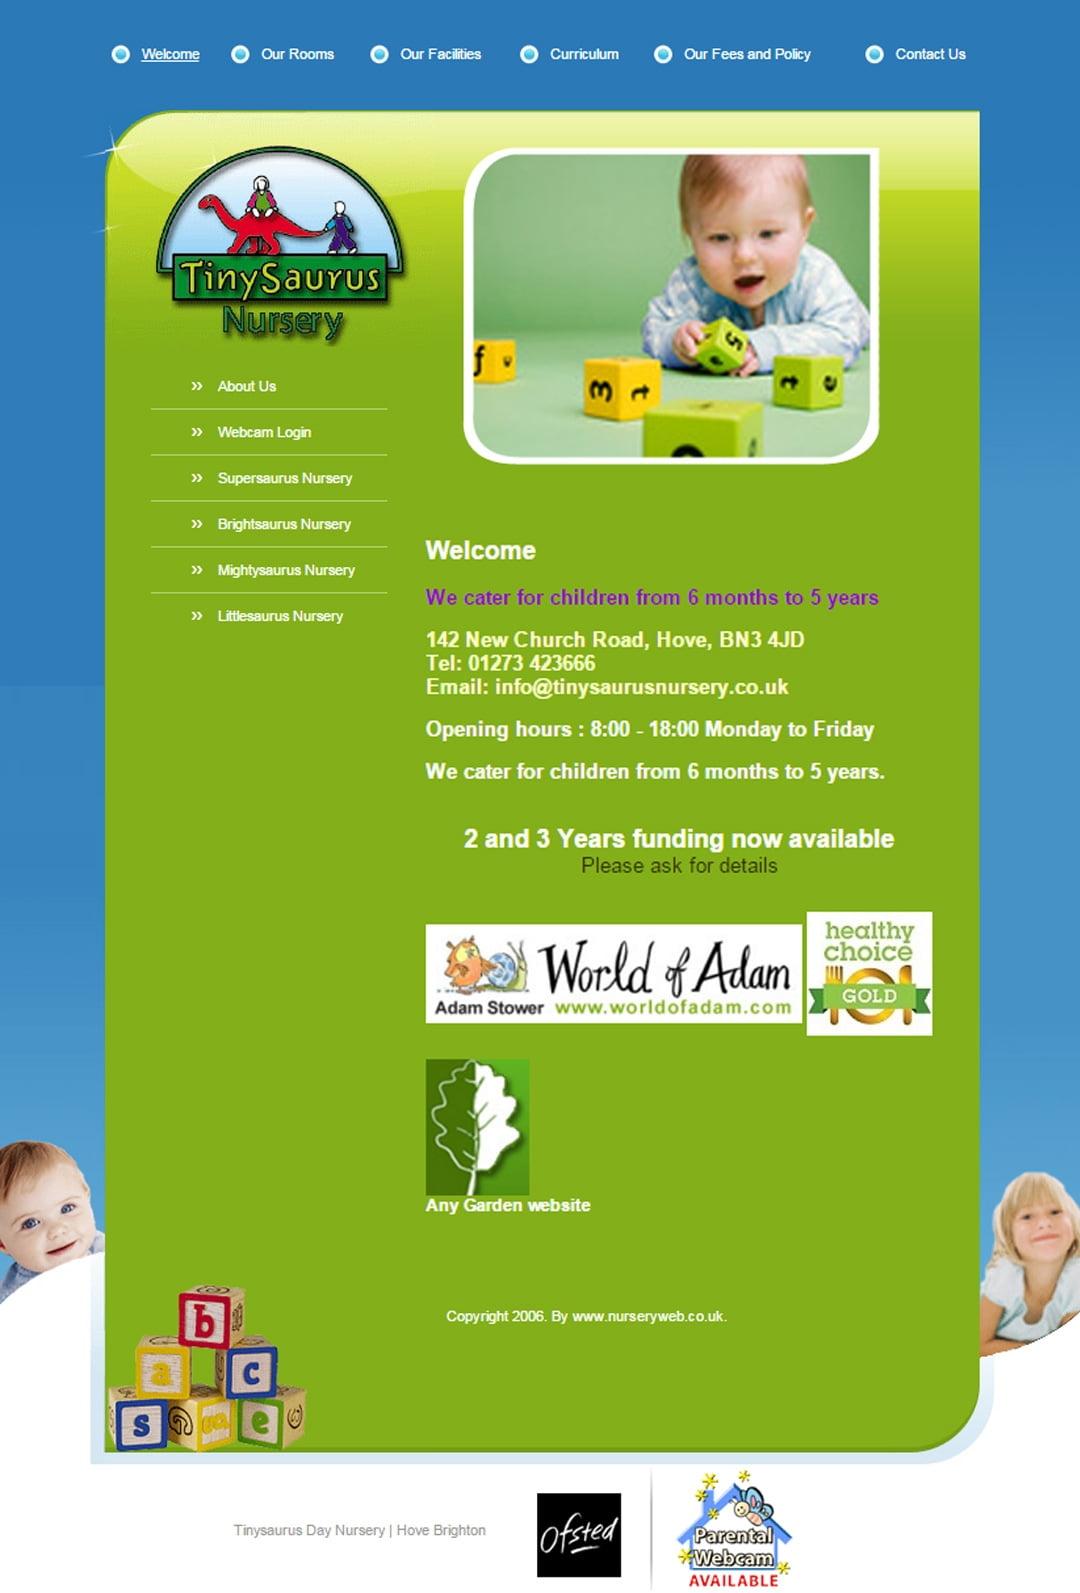 Tinysaurus Day Nursery